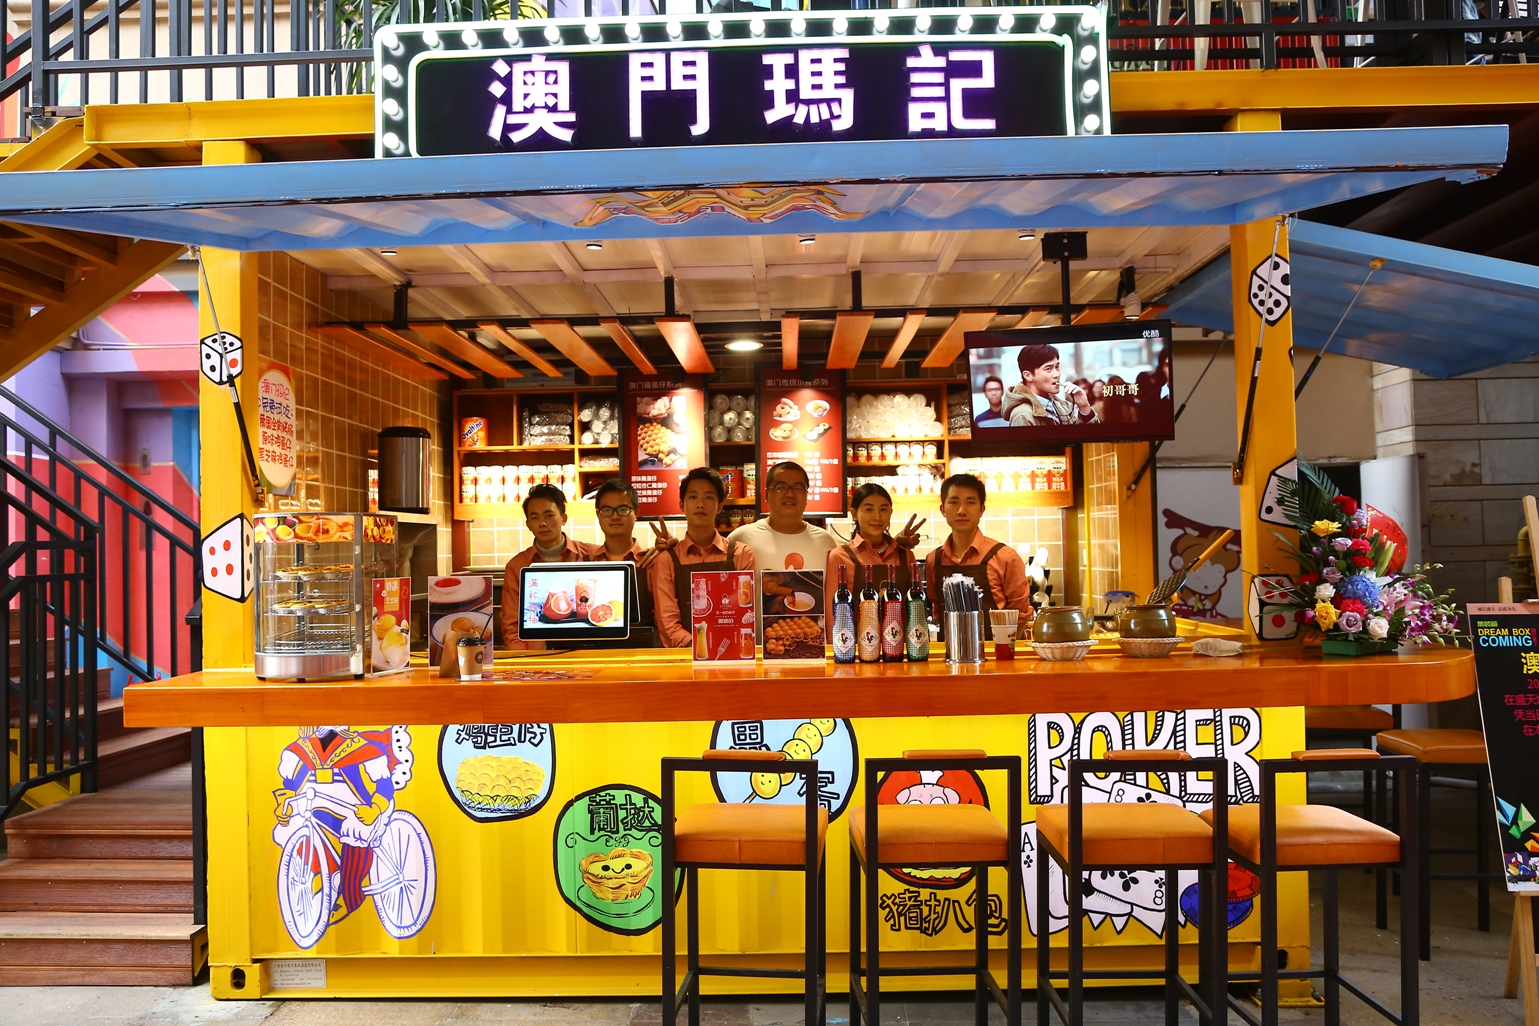 东南亚潮人美食街Dream Box在贝斯特地正式开街,近百人围观